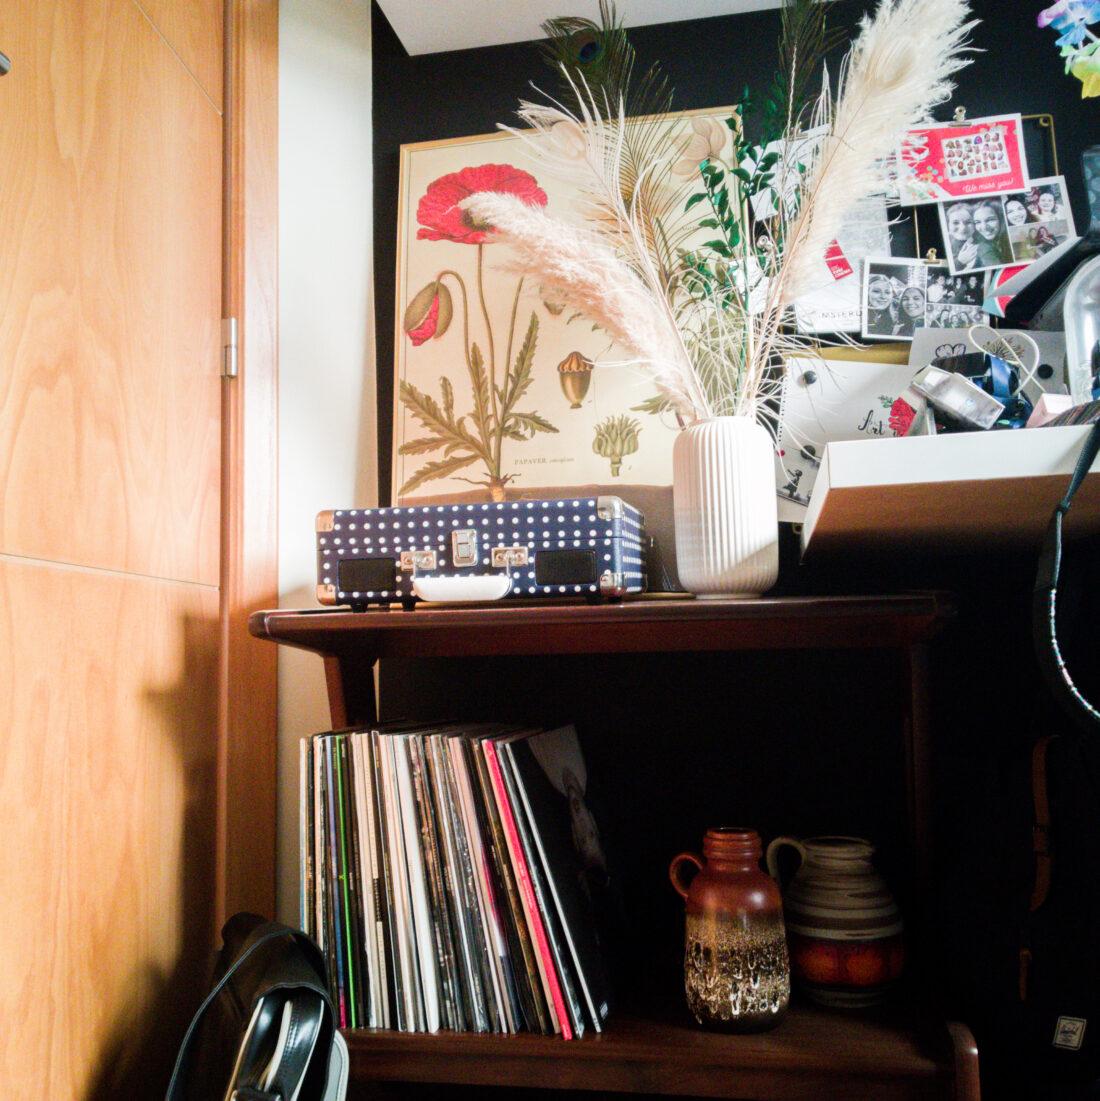 vaas, bloemenposter, kastje met platen